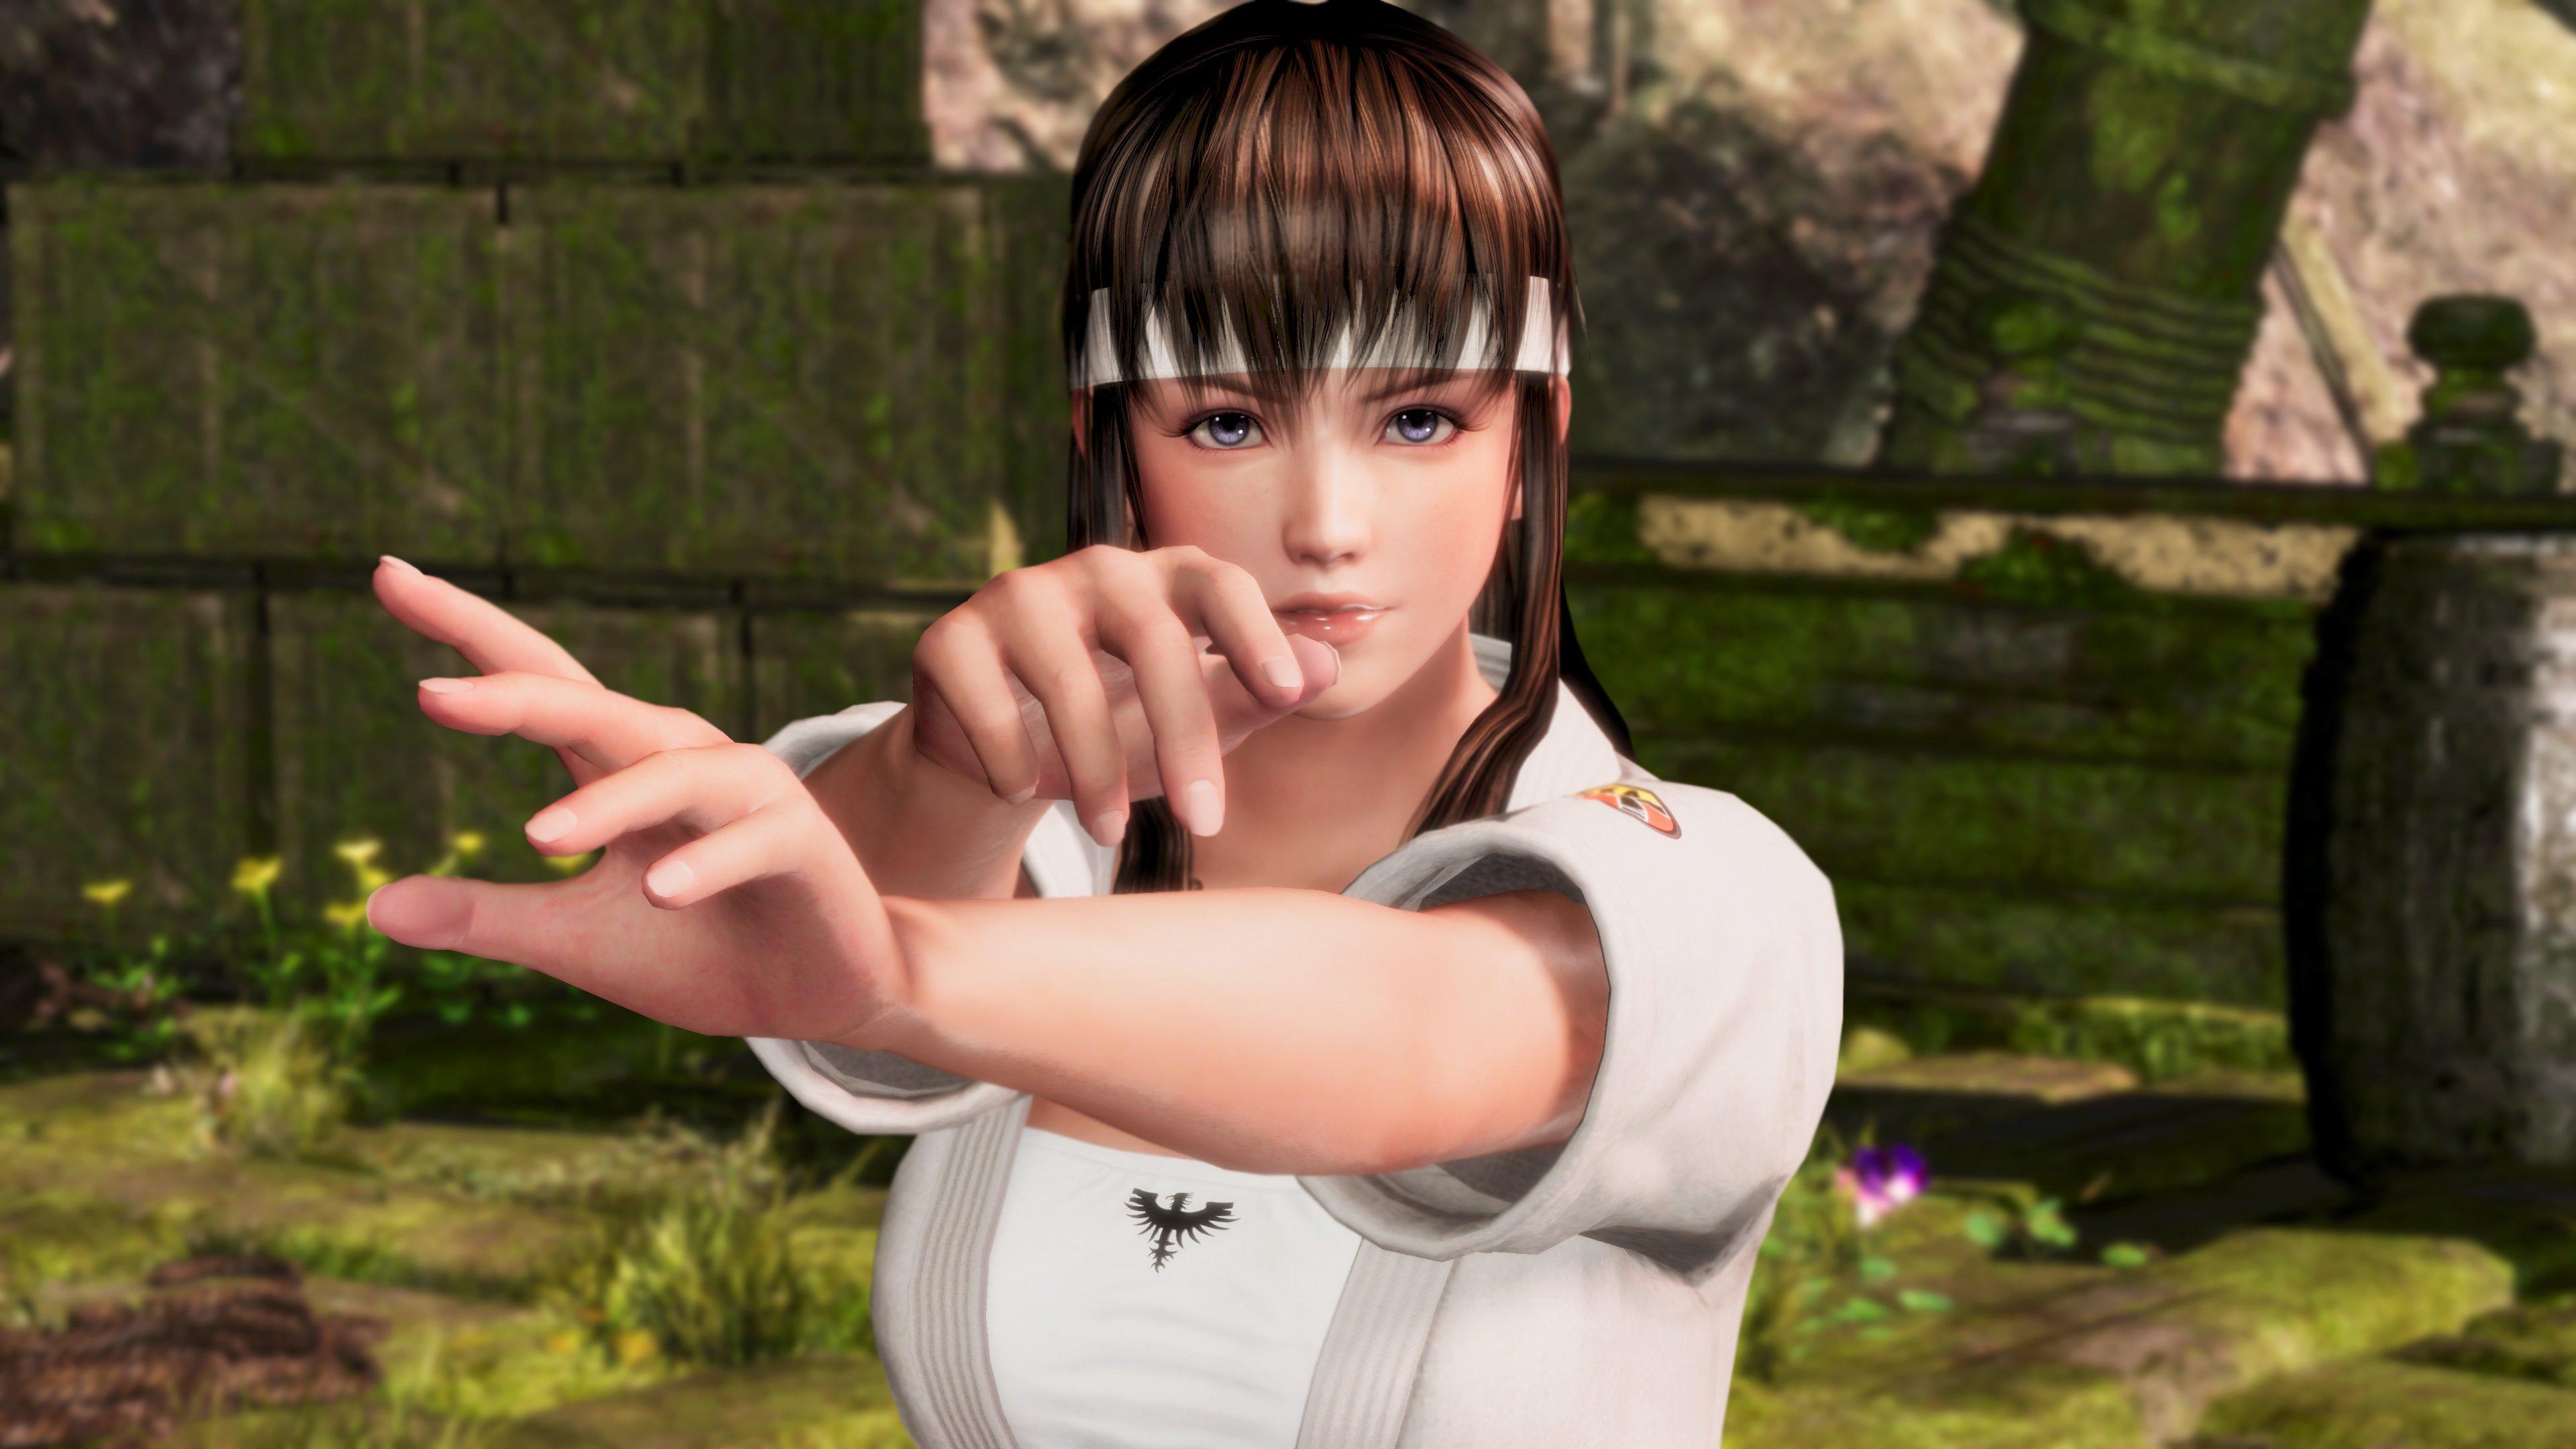 Démo PS4 pour Dead or Alive 6 commence le 12 janvier